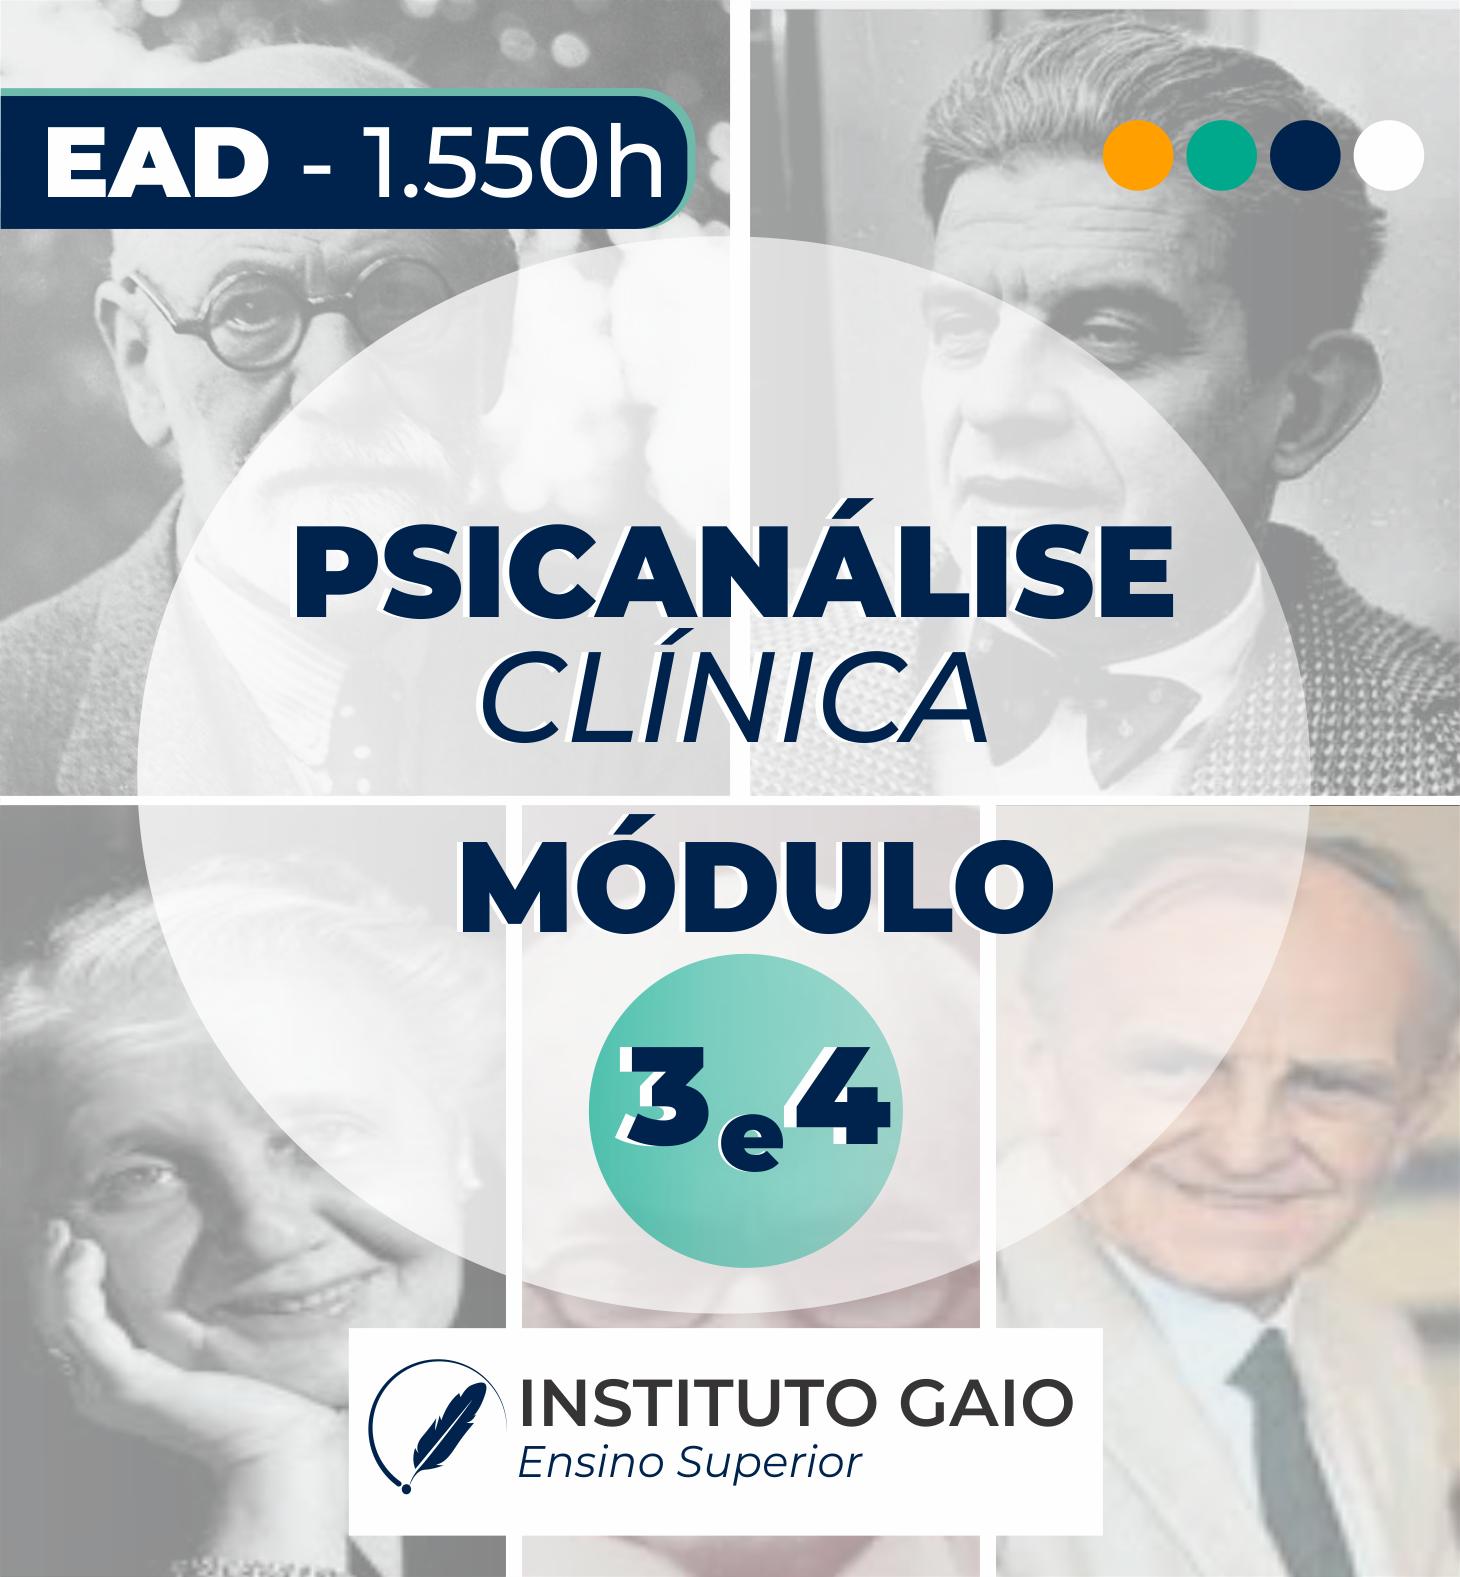 FORMAÇÃO EM PSICANÁLISE CLÍNICA – EAD – MÓDULO 3 e 4